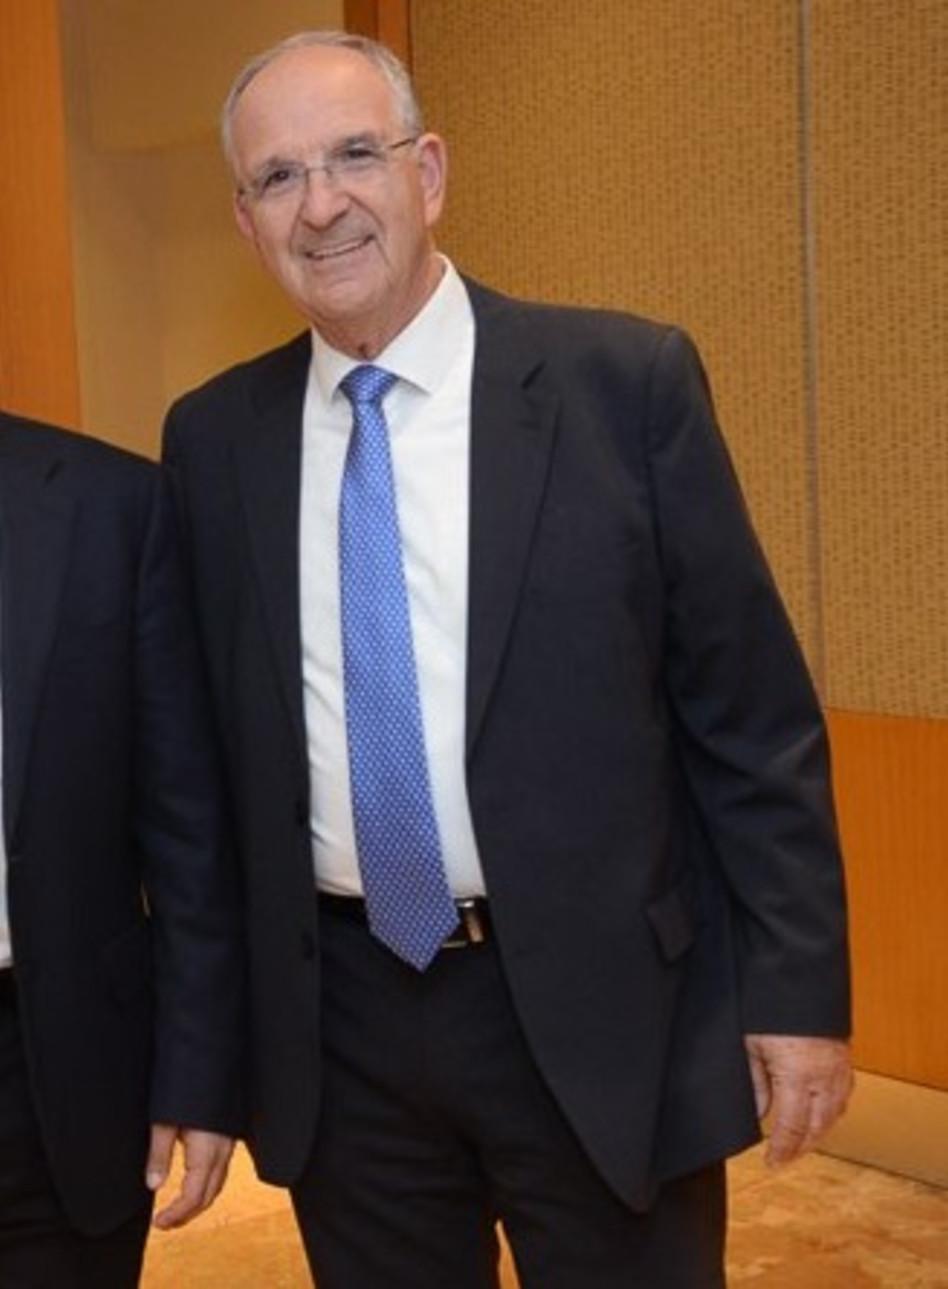 שמשון הראל (צילום: איתי בלסון, עידן זליקוביץ. מכון ויצמן למדע)